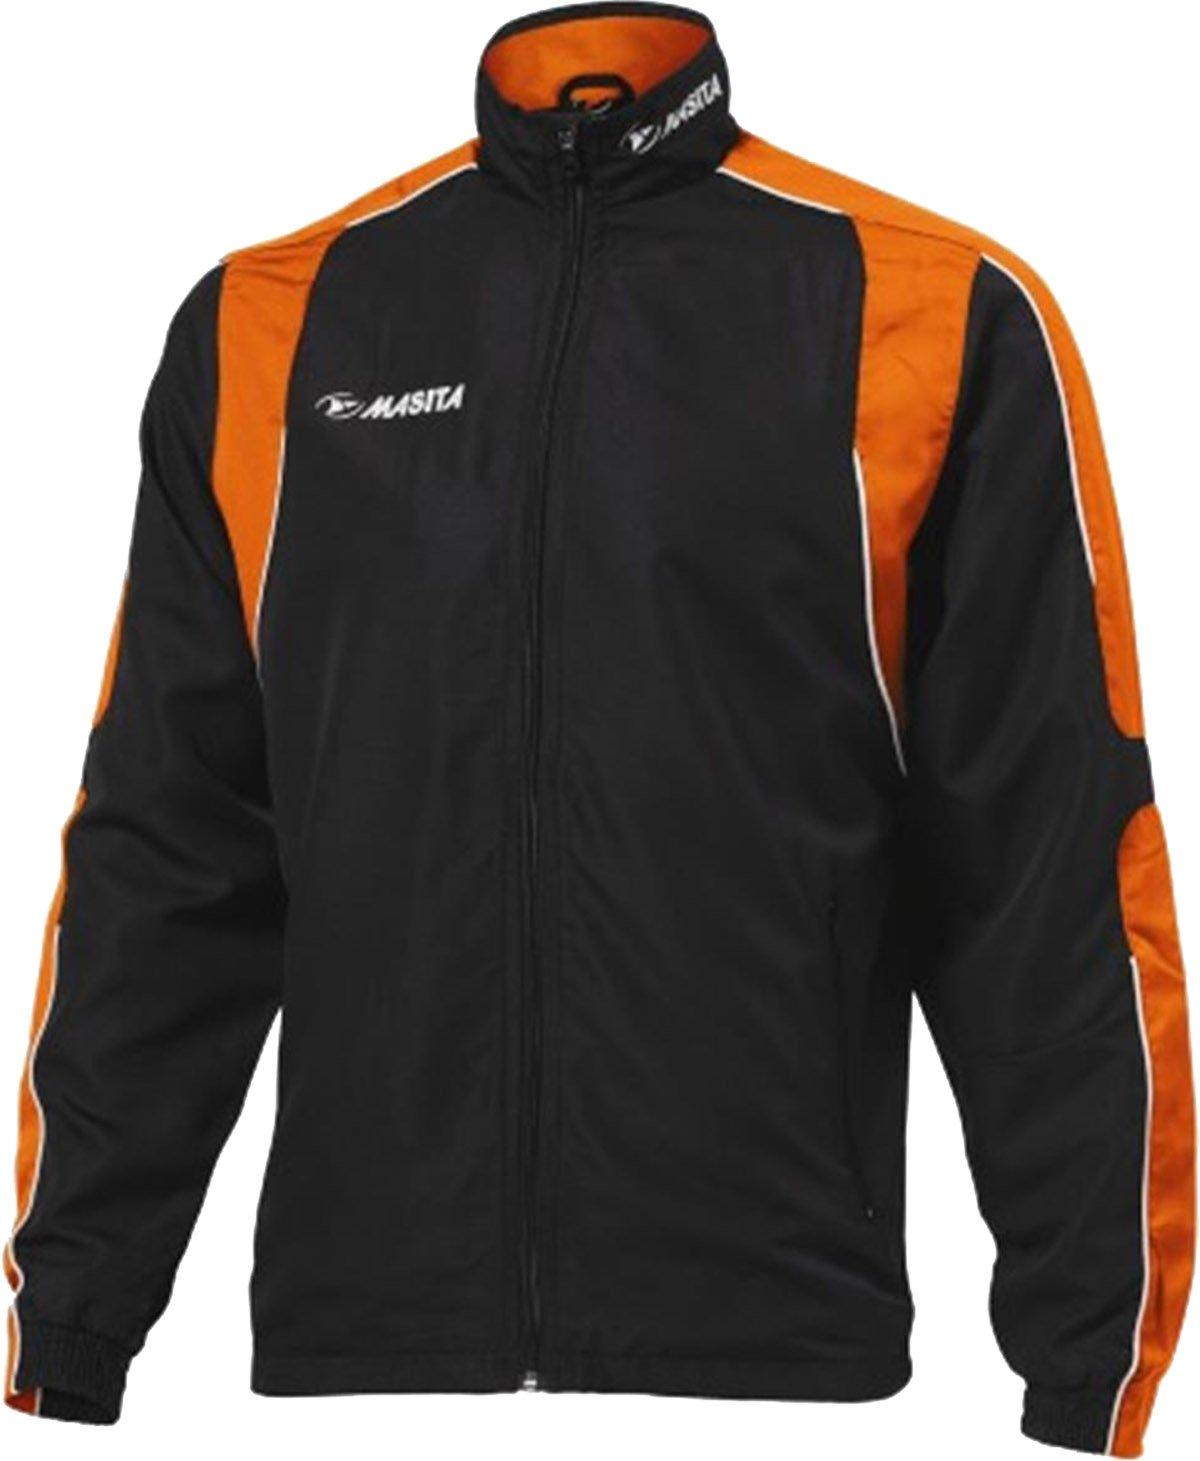 Masita Madrid Mens Activewear Track Suit Jacket